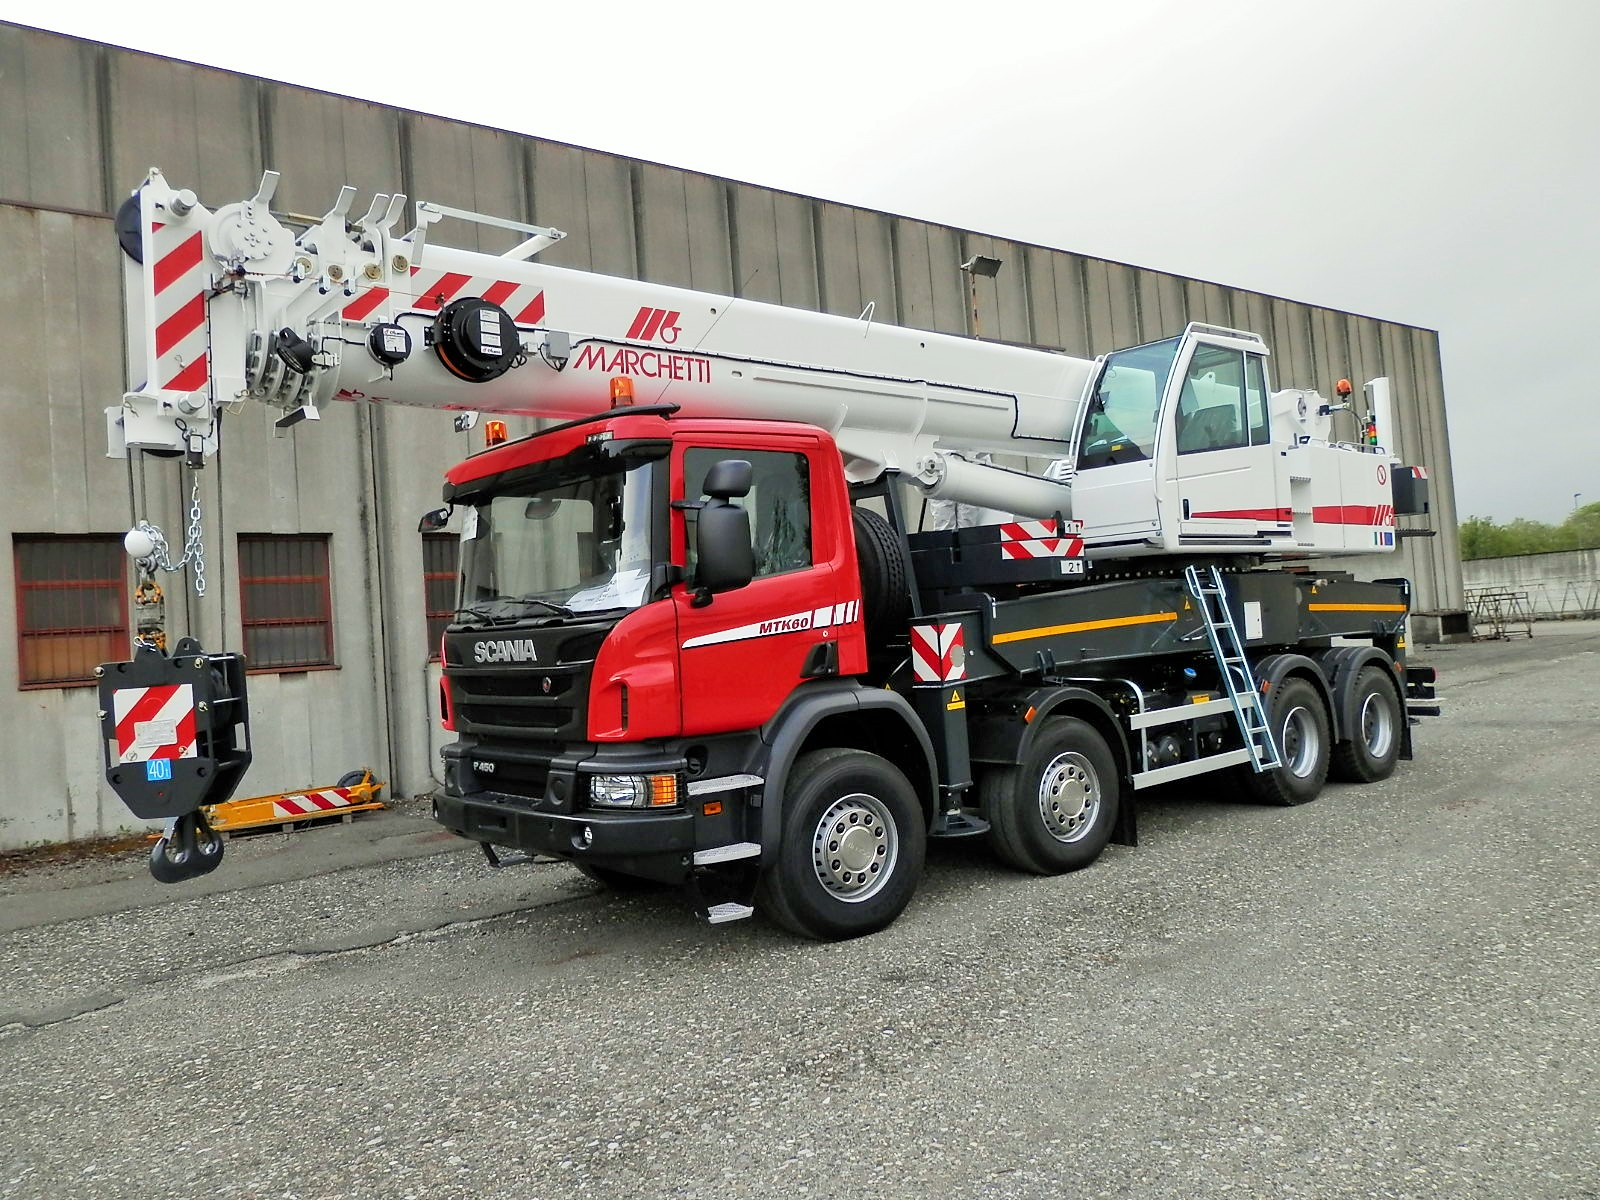 Marchetti truck cranes